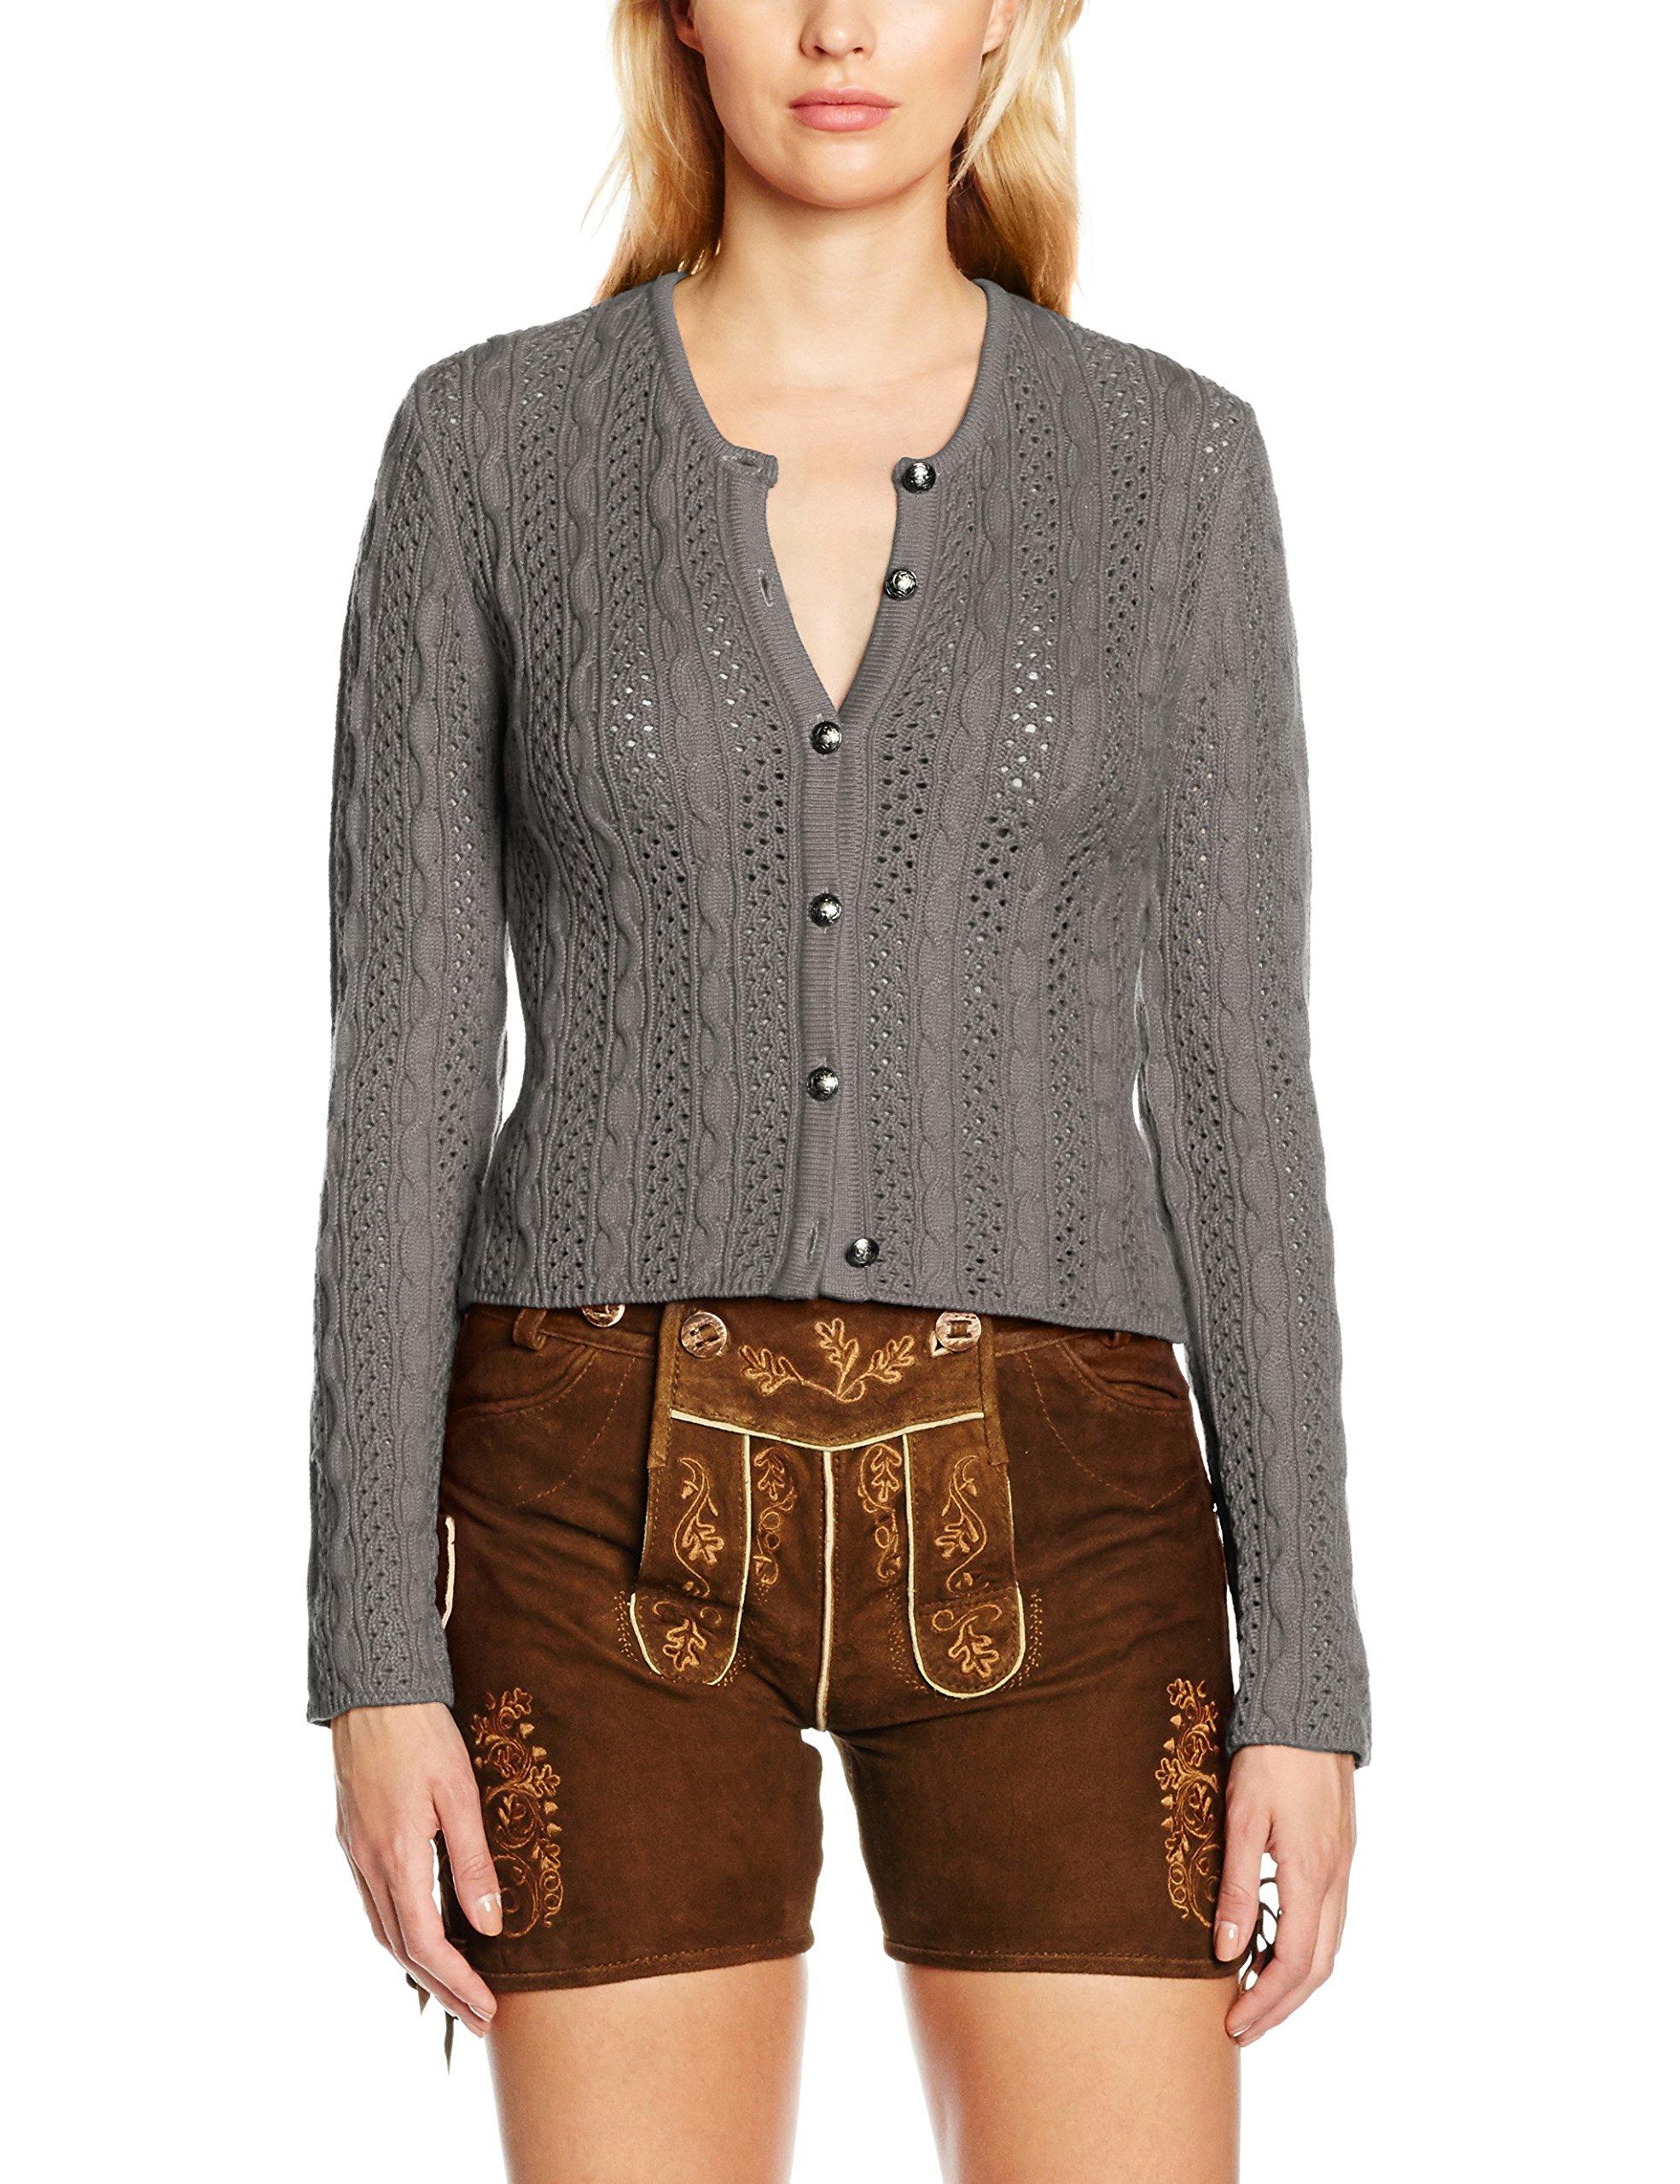 Femme G'weihamp; 7200 Silk Veste CostumeGrisgrau38 Gweih V De dChQxsrt